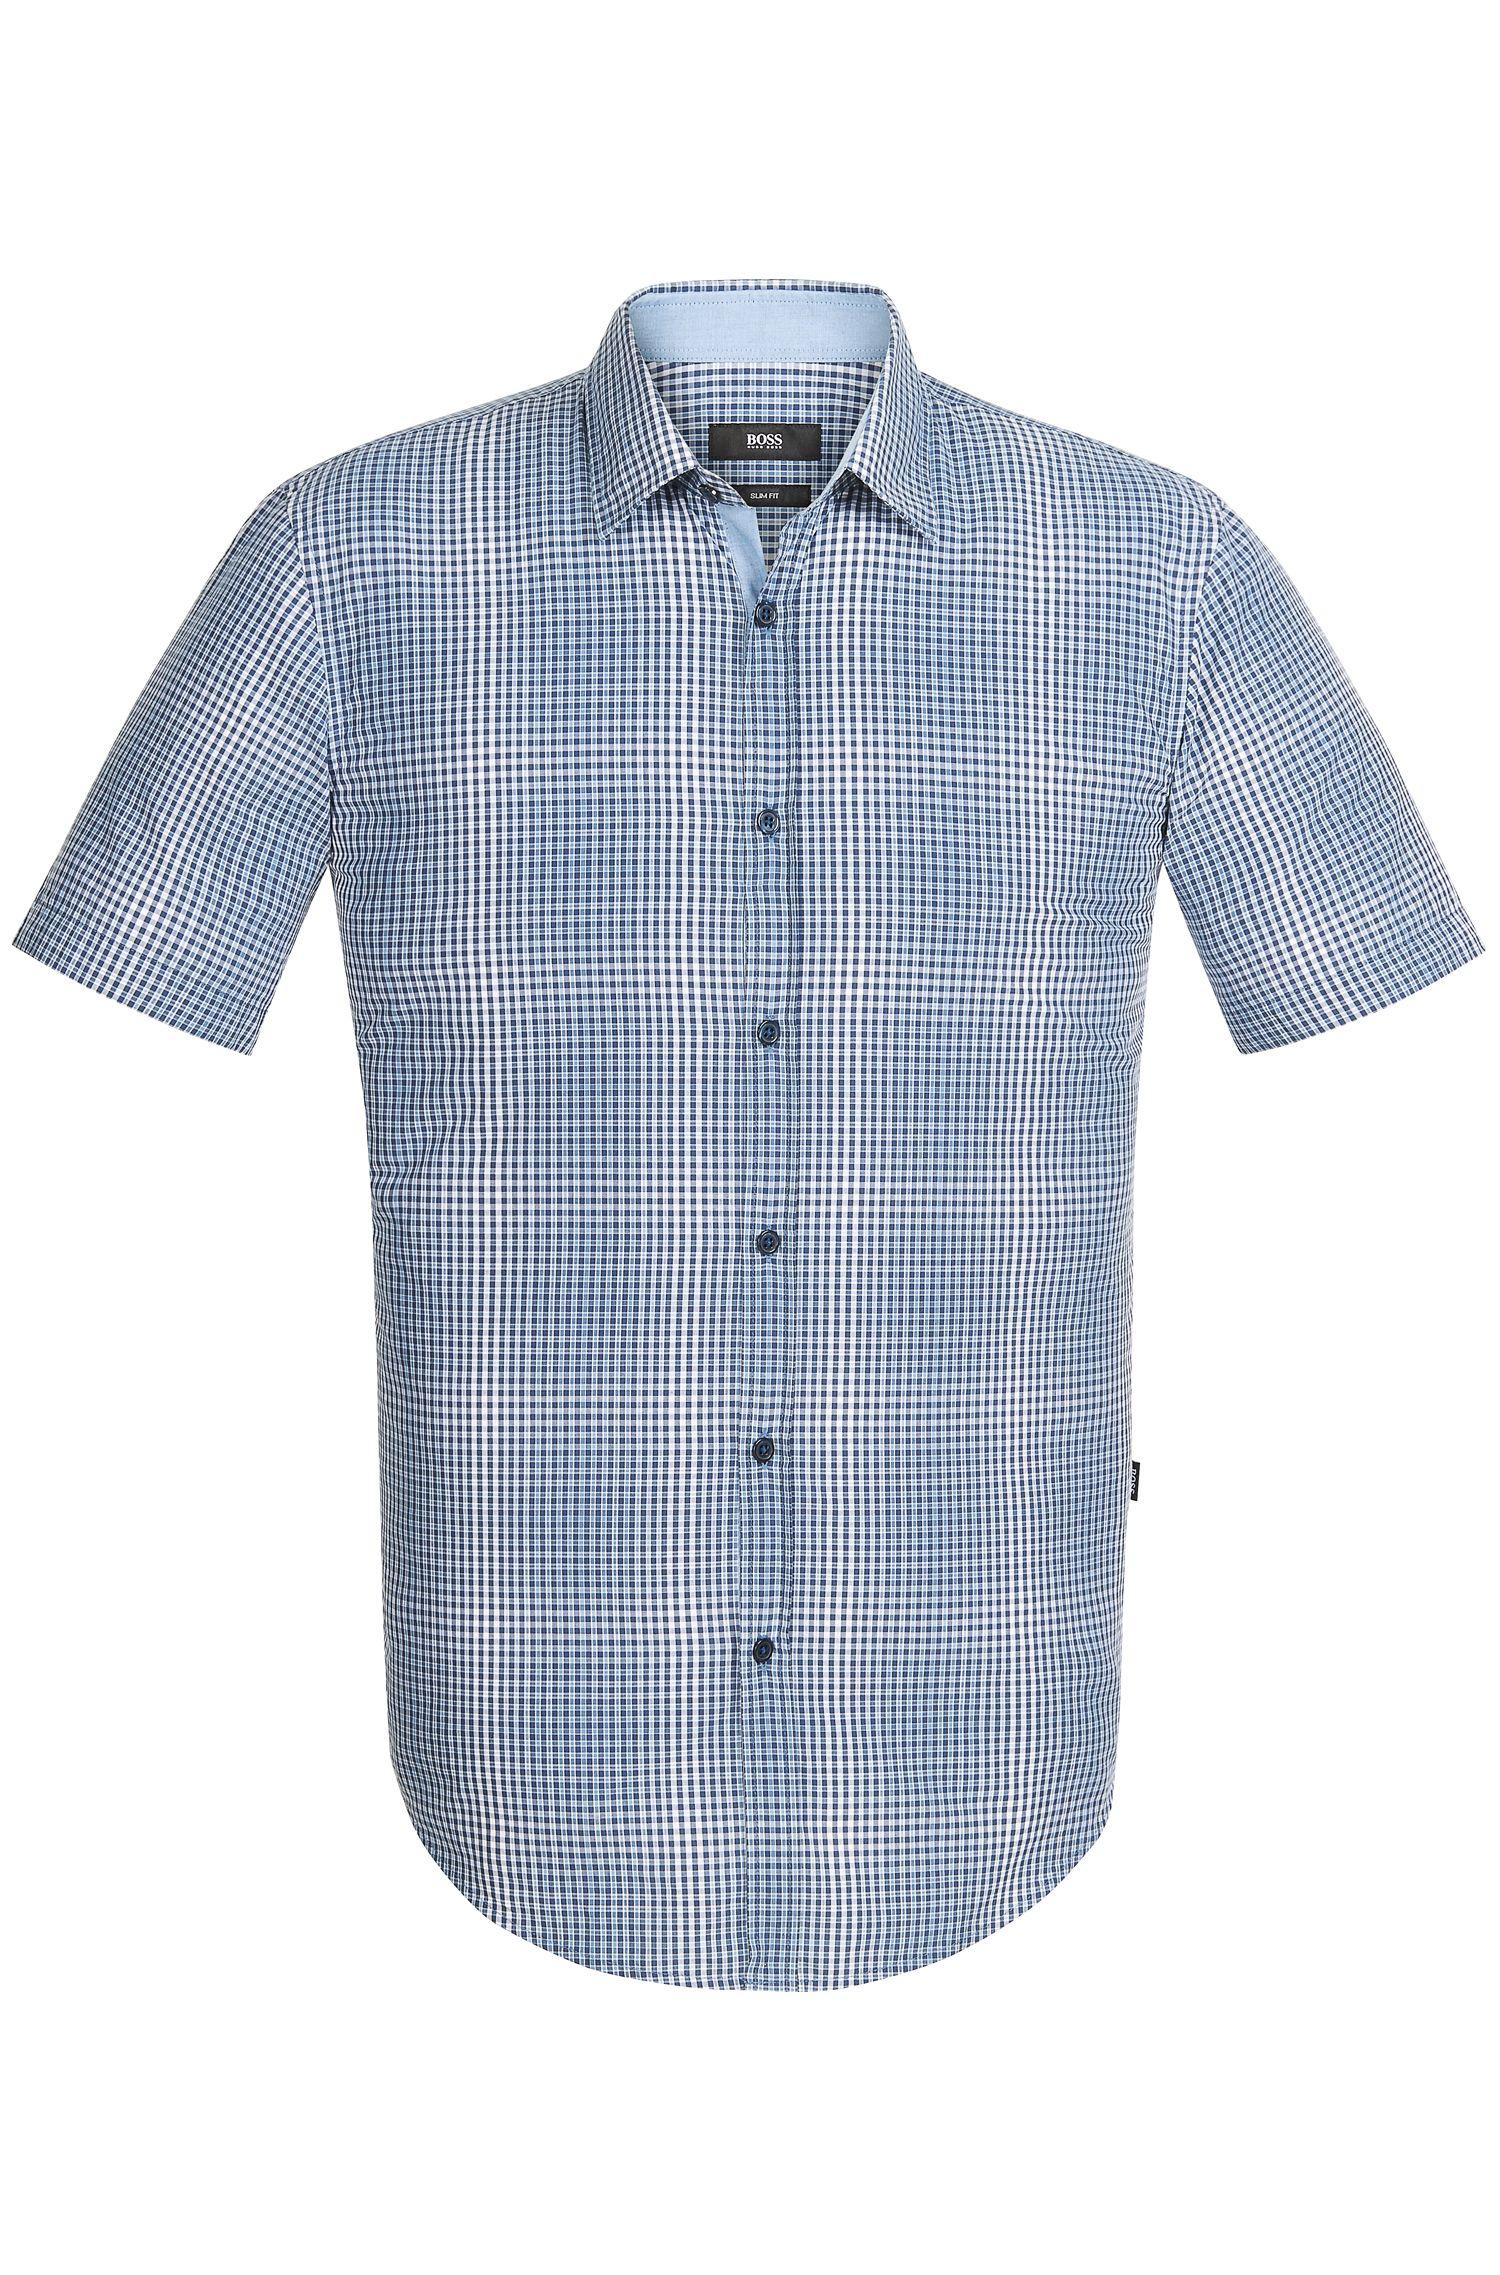 'Ronn' | Slim Fit, Cotton Button Down Shirt